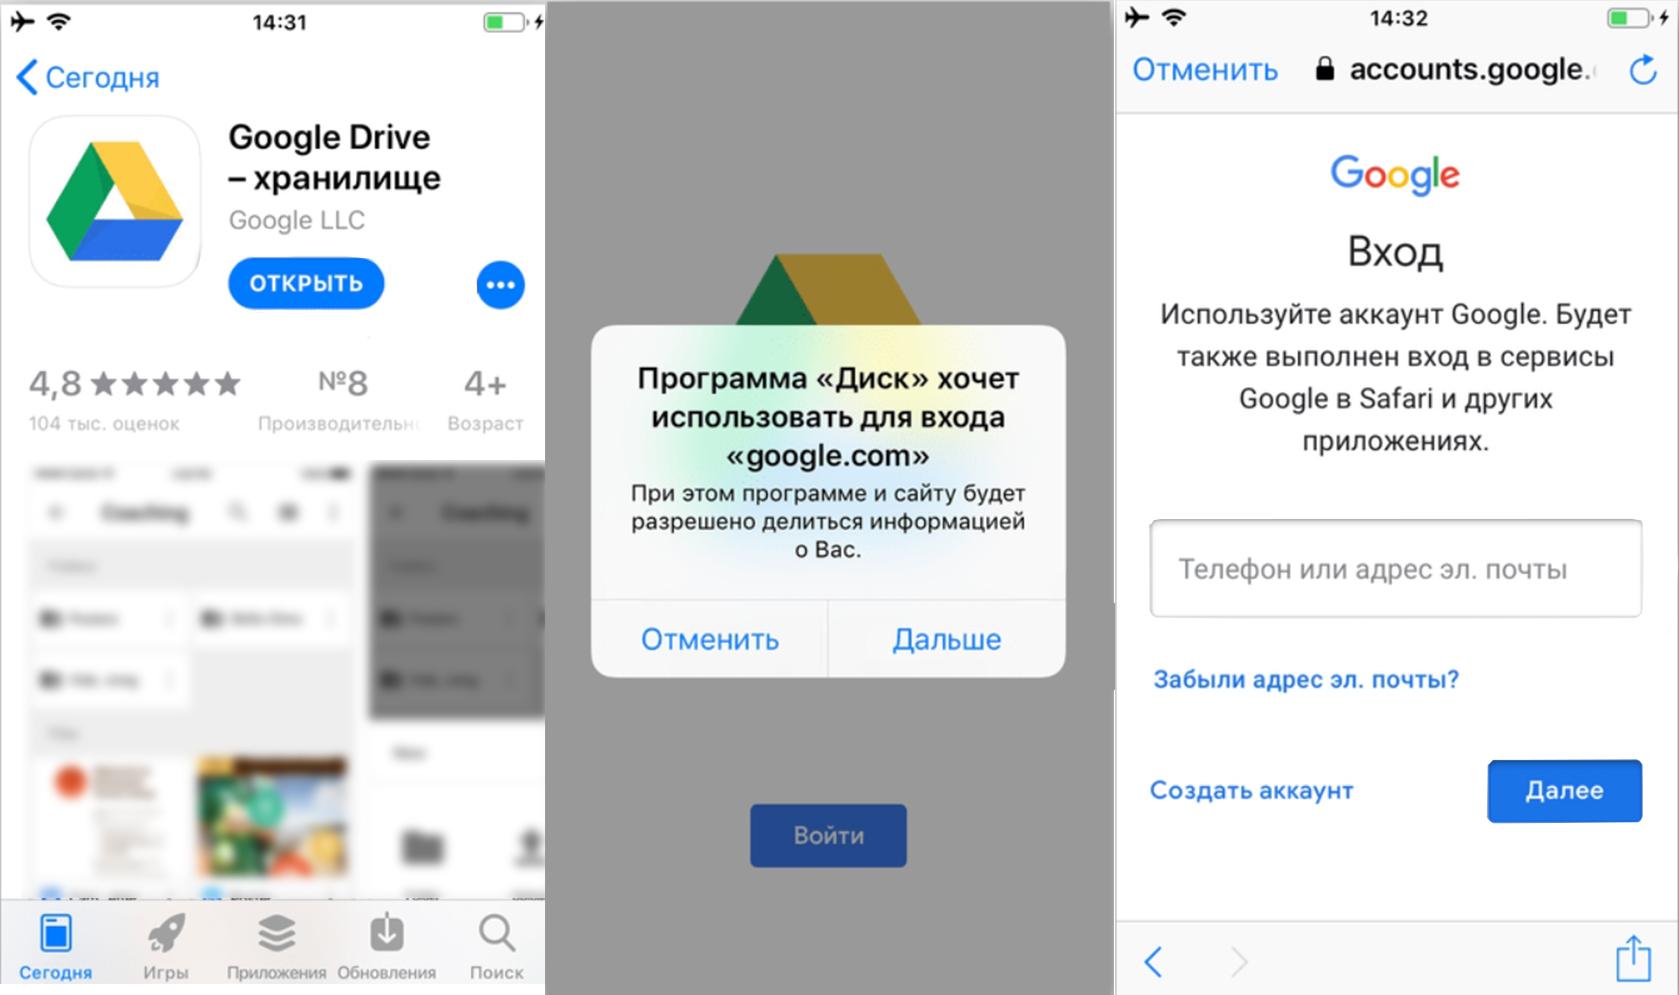 Вход в Google Диск: как войти в личный кабинет через компьютер и телефон